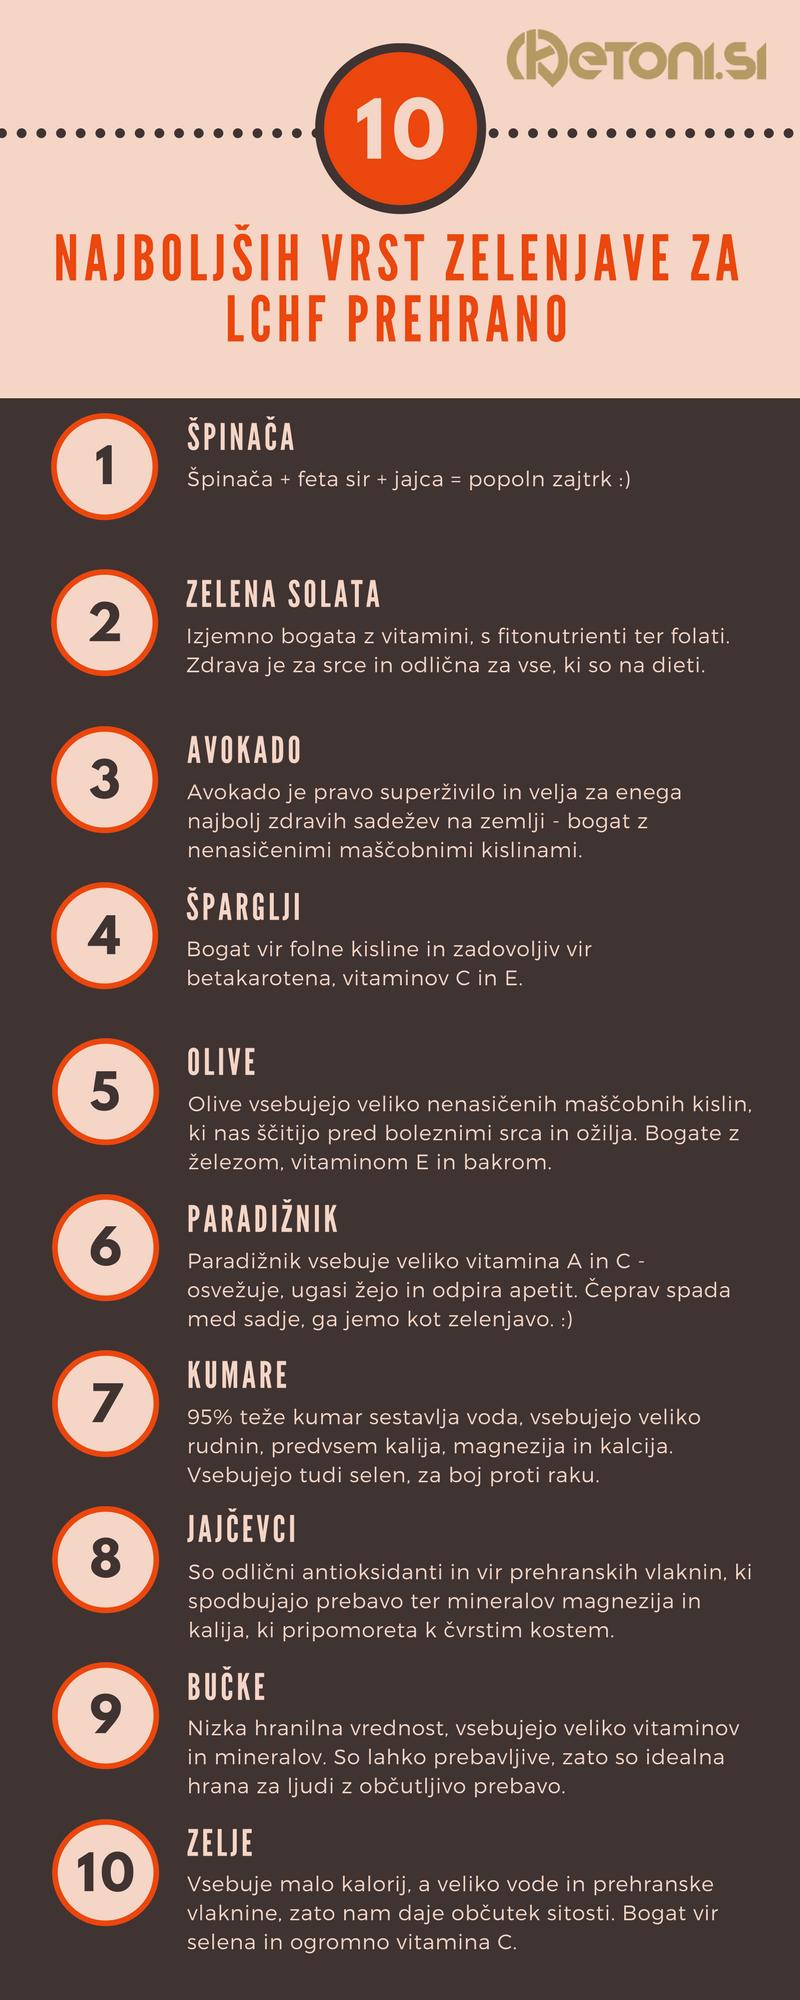 10 NAJBOLJŠIH VRST ZELENJAVE ZA LCHF PREHRANO